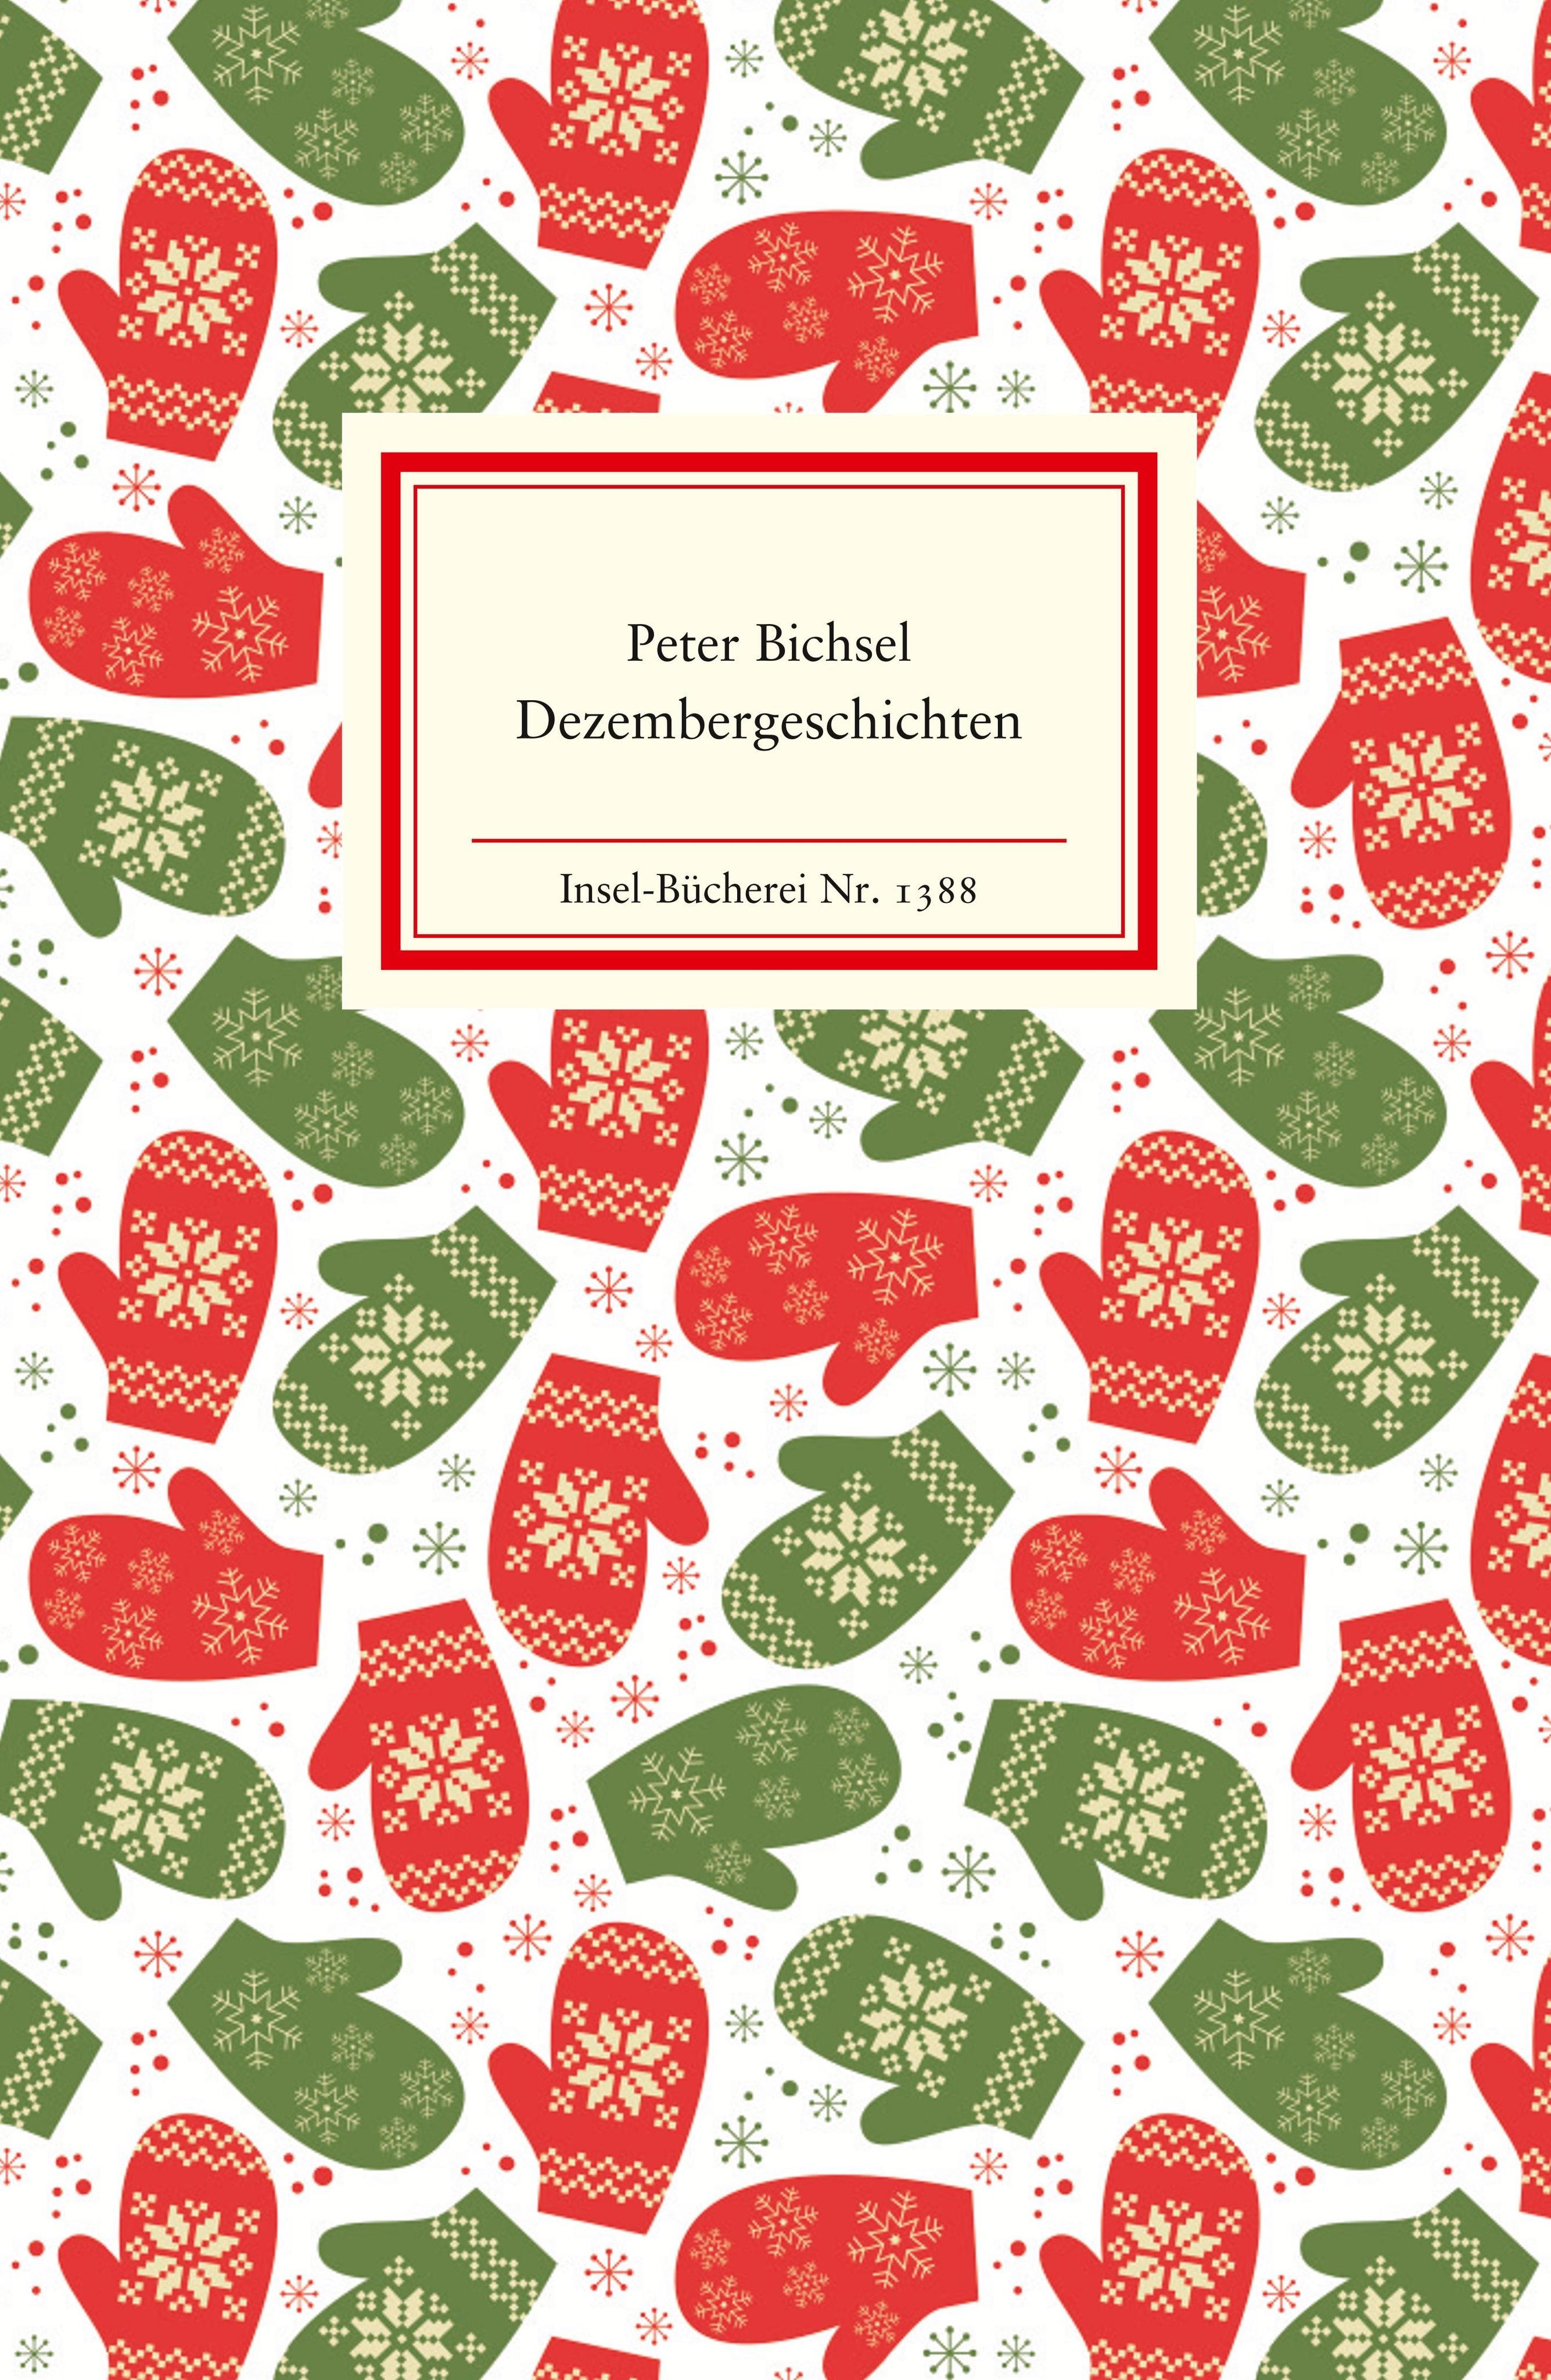 NEU Dezembergeschichten Peter Bichsel 193883